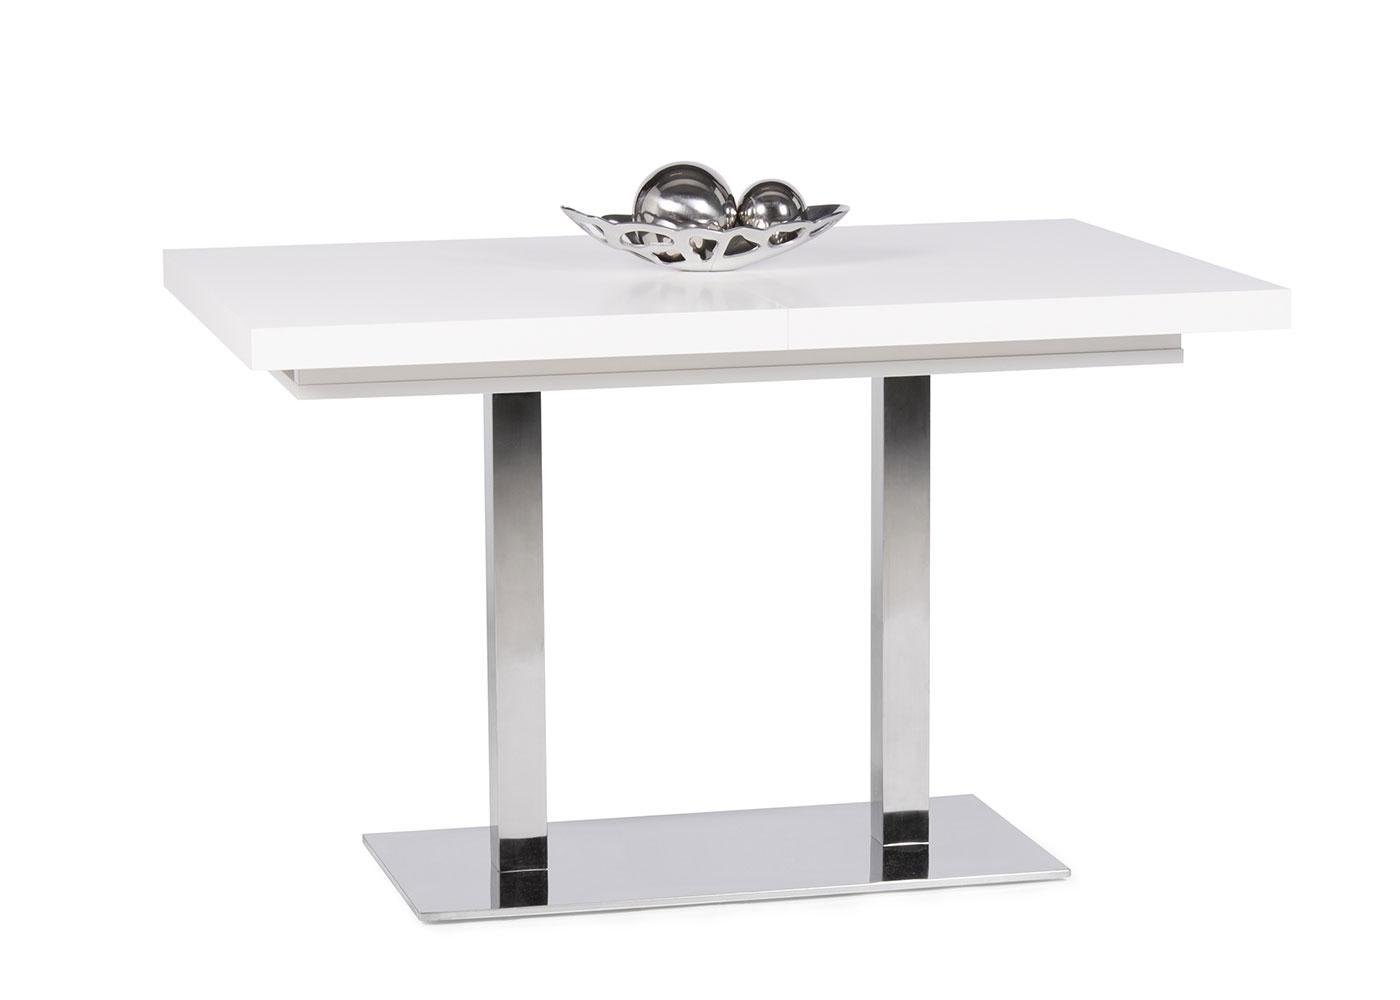 Jedálny stôl rozkladací August, 200 cm, biela, biela